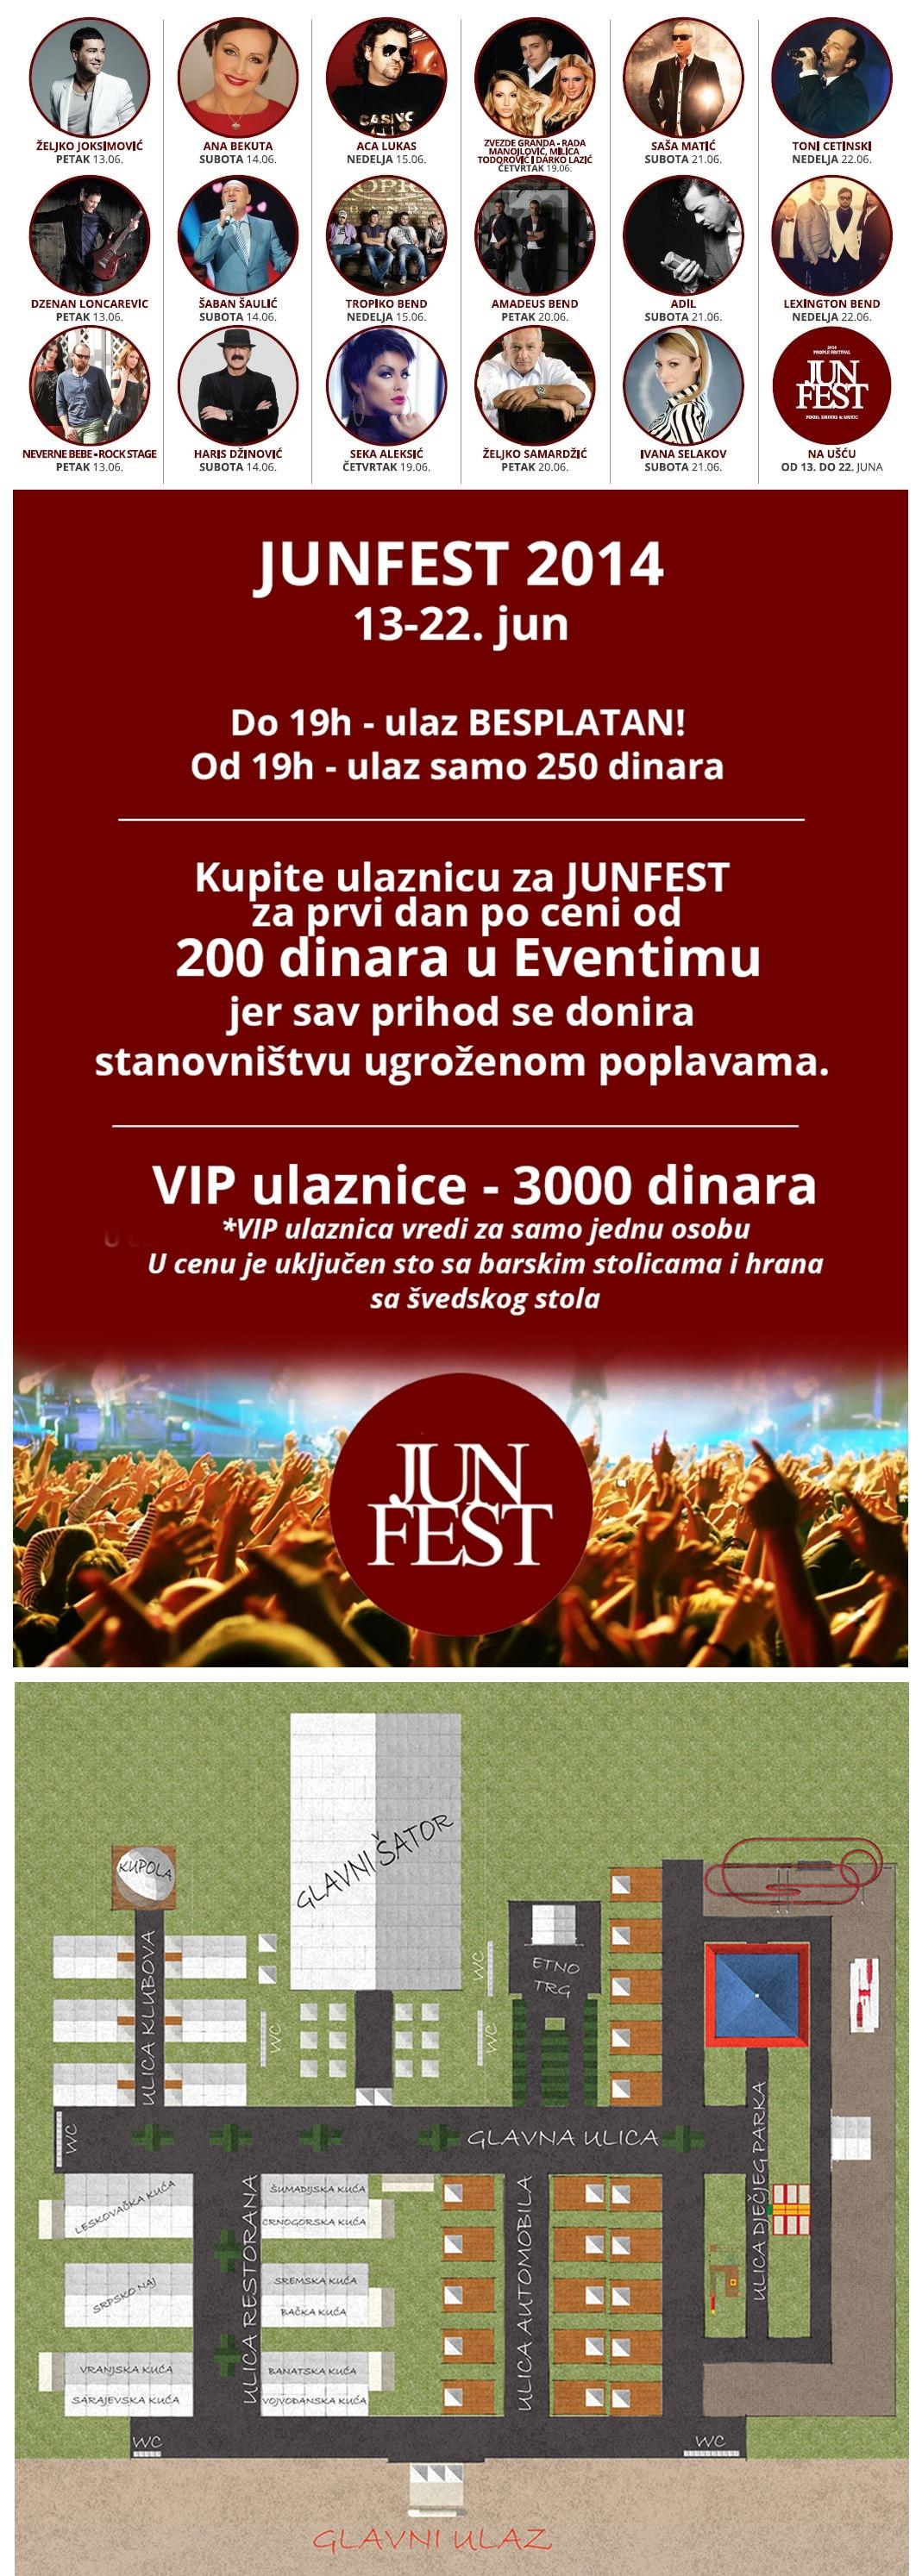 JUN FEST - Ušće Park, Tiket Klub